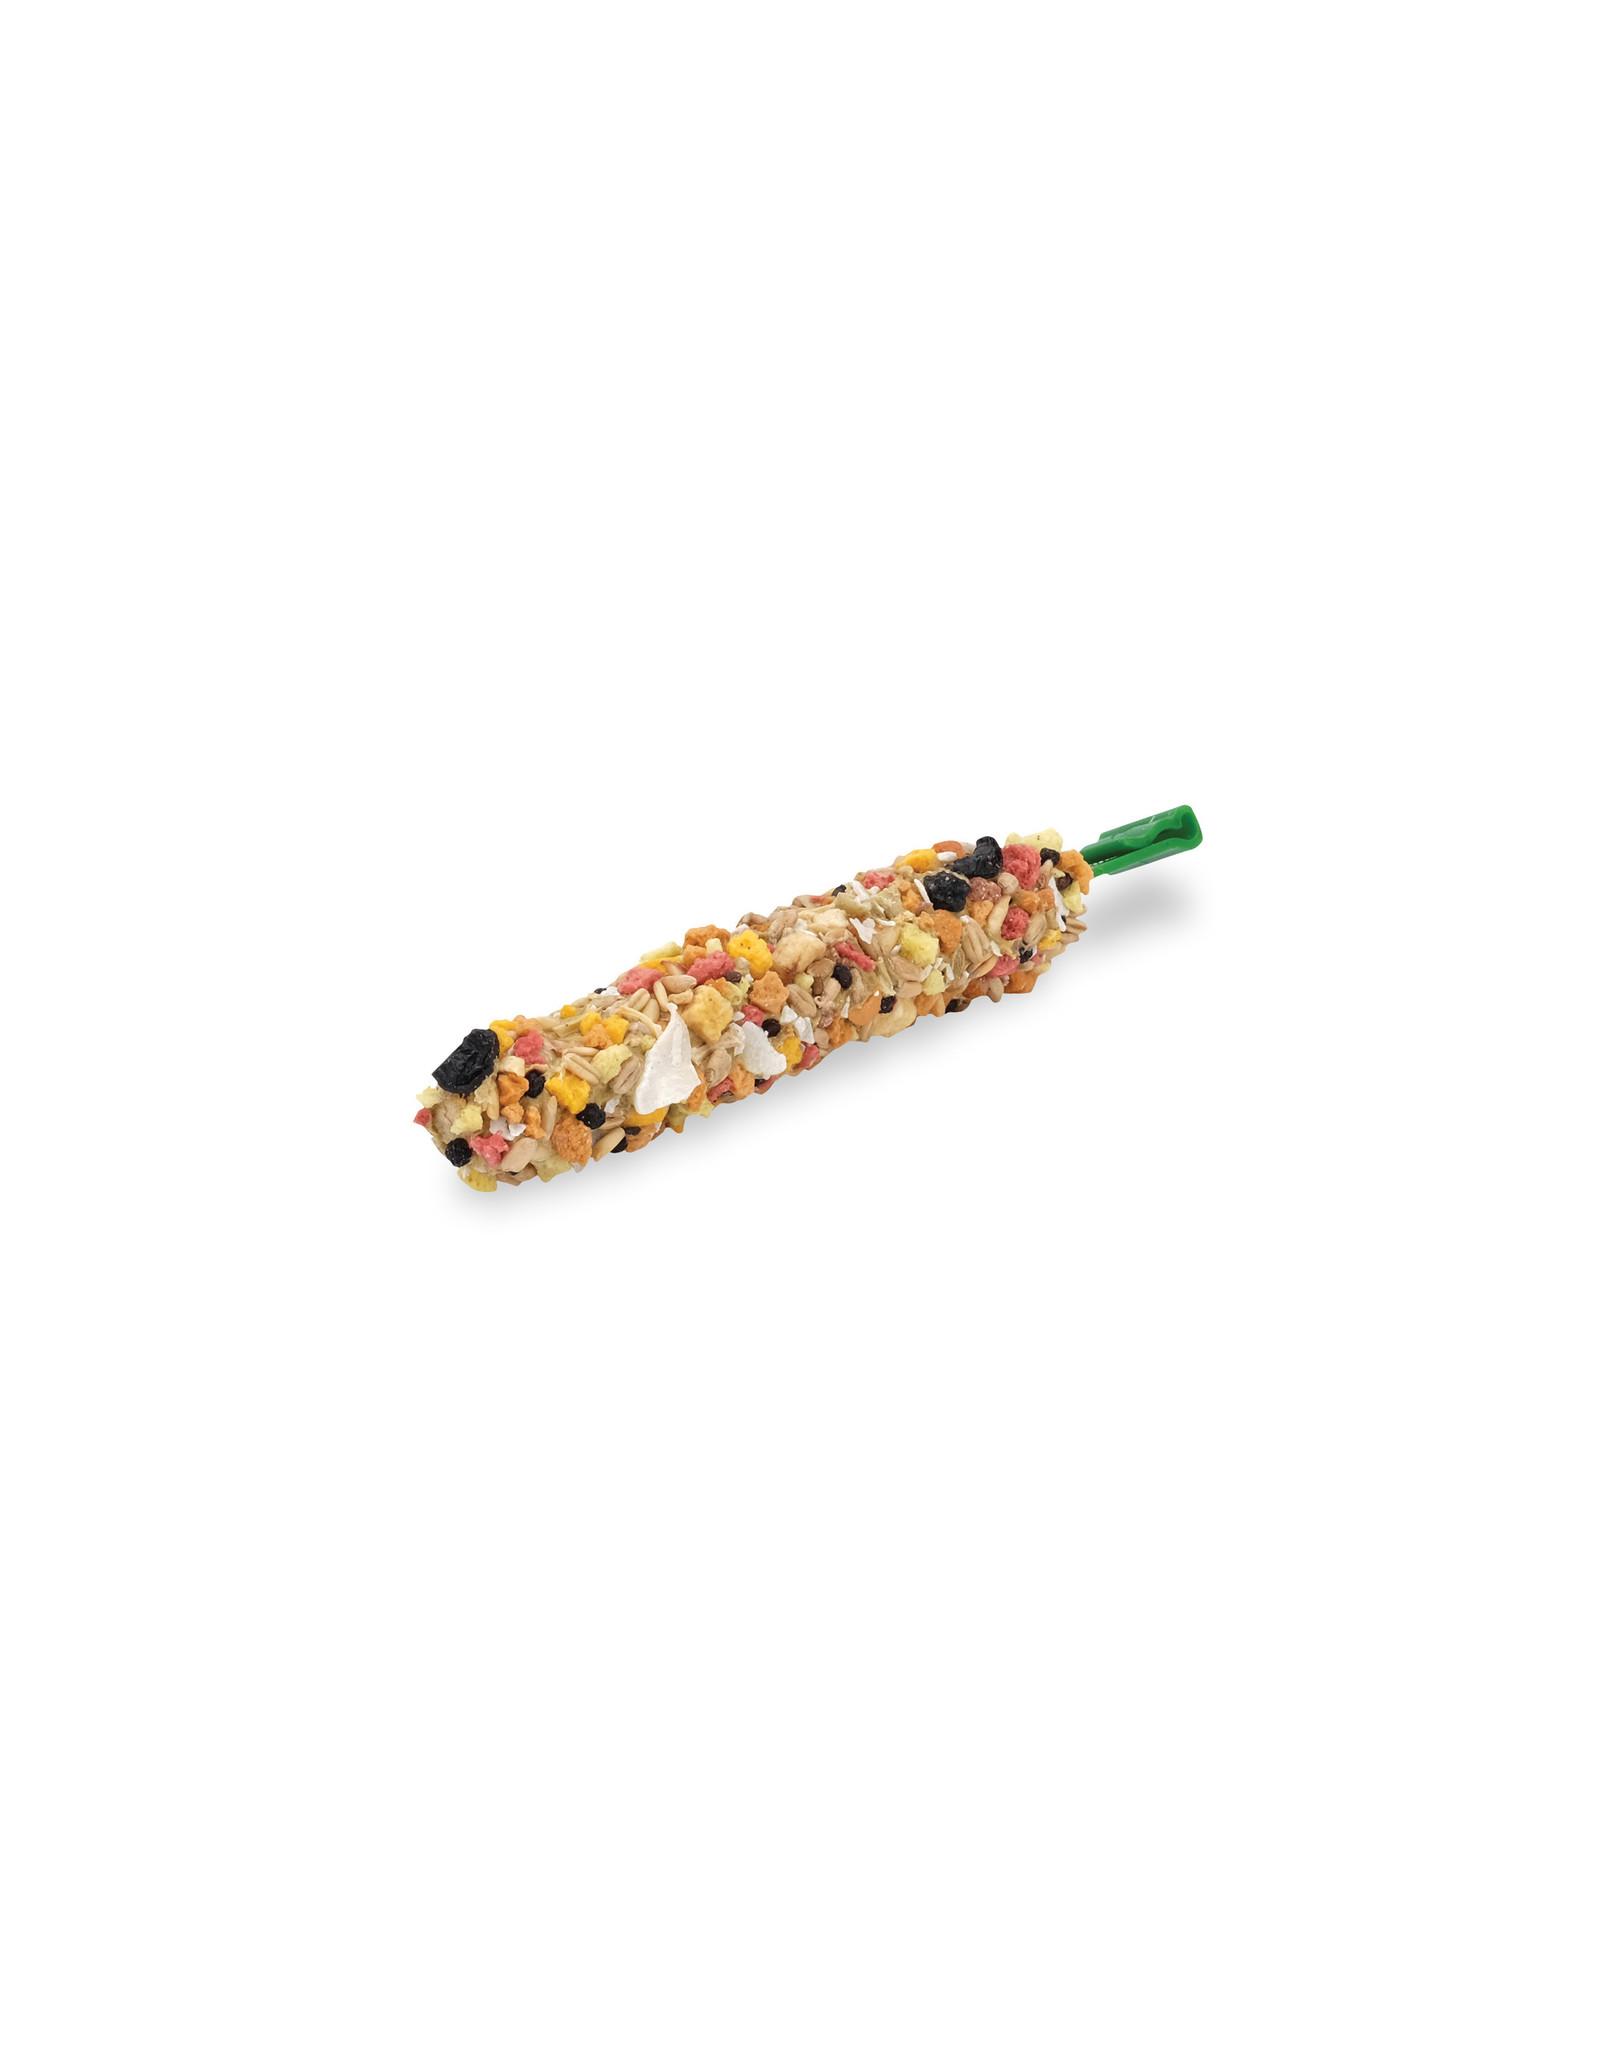 Living World LIVING WORLD Small Animal Sticks Fruit 45g